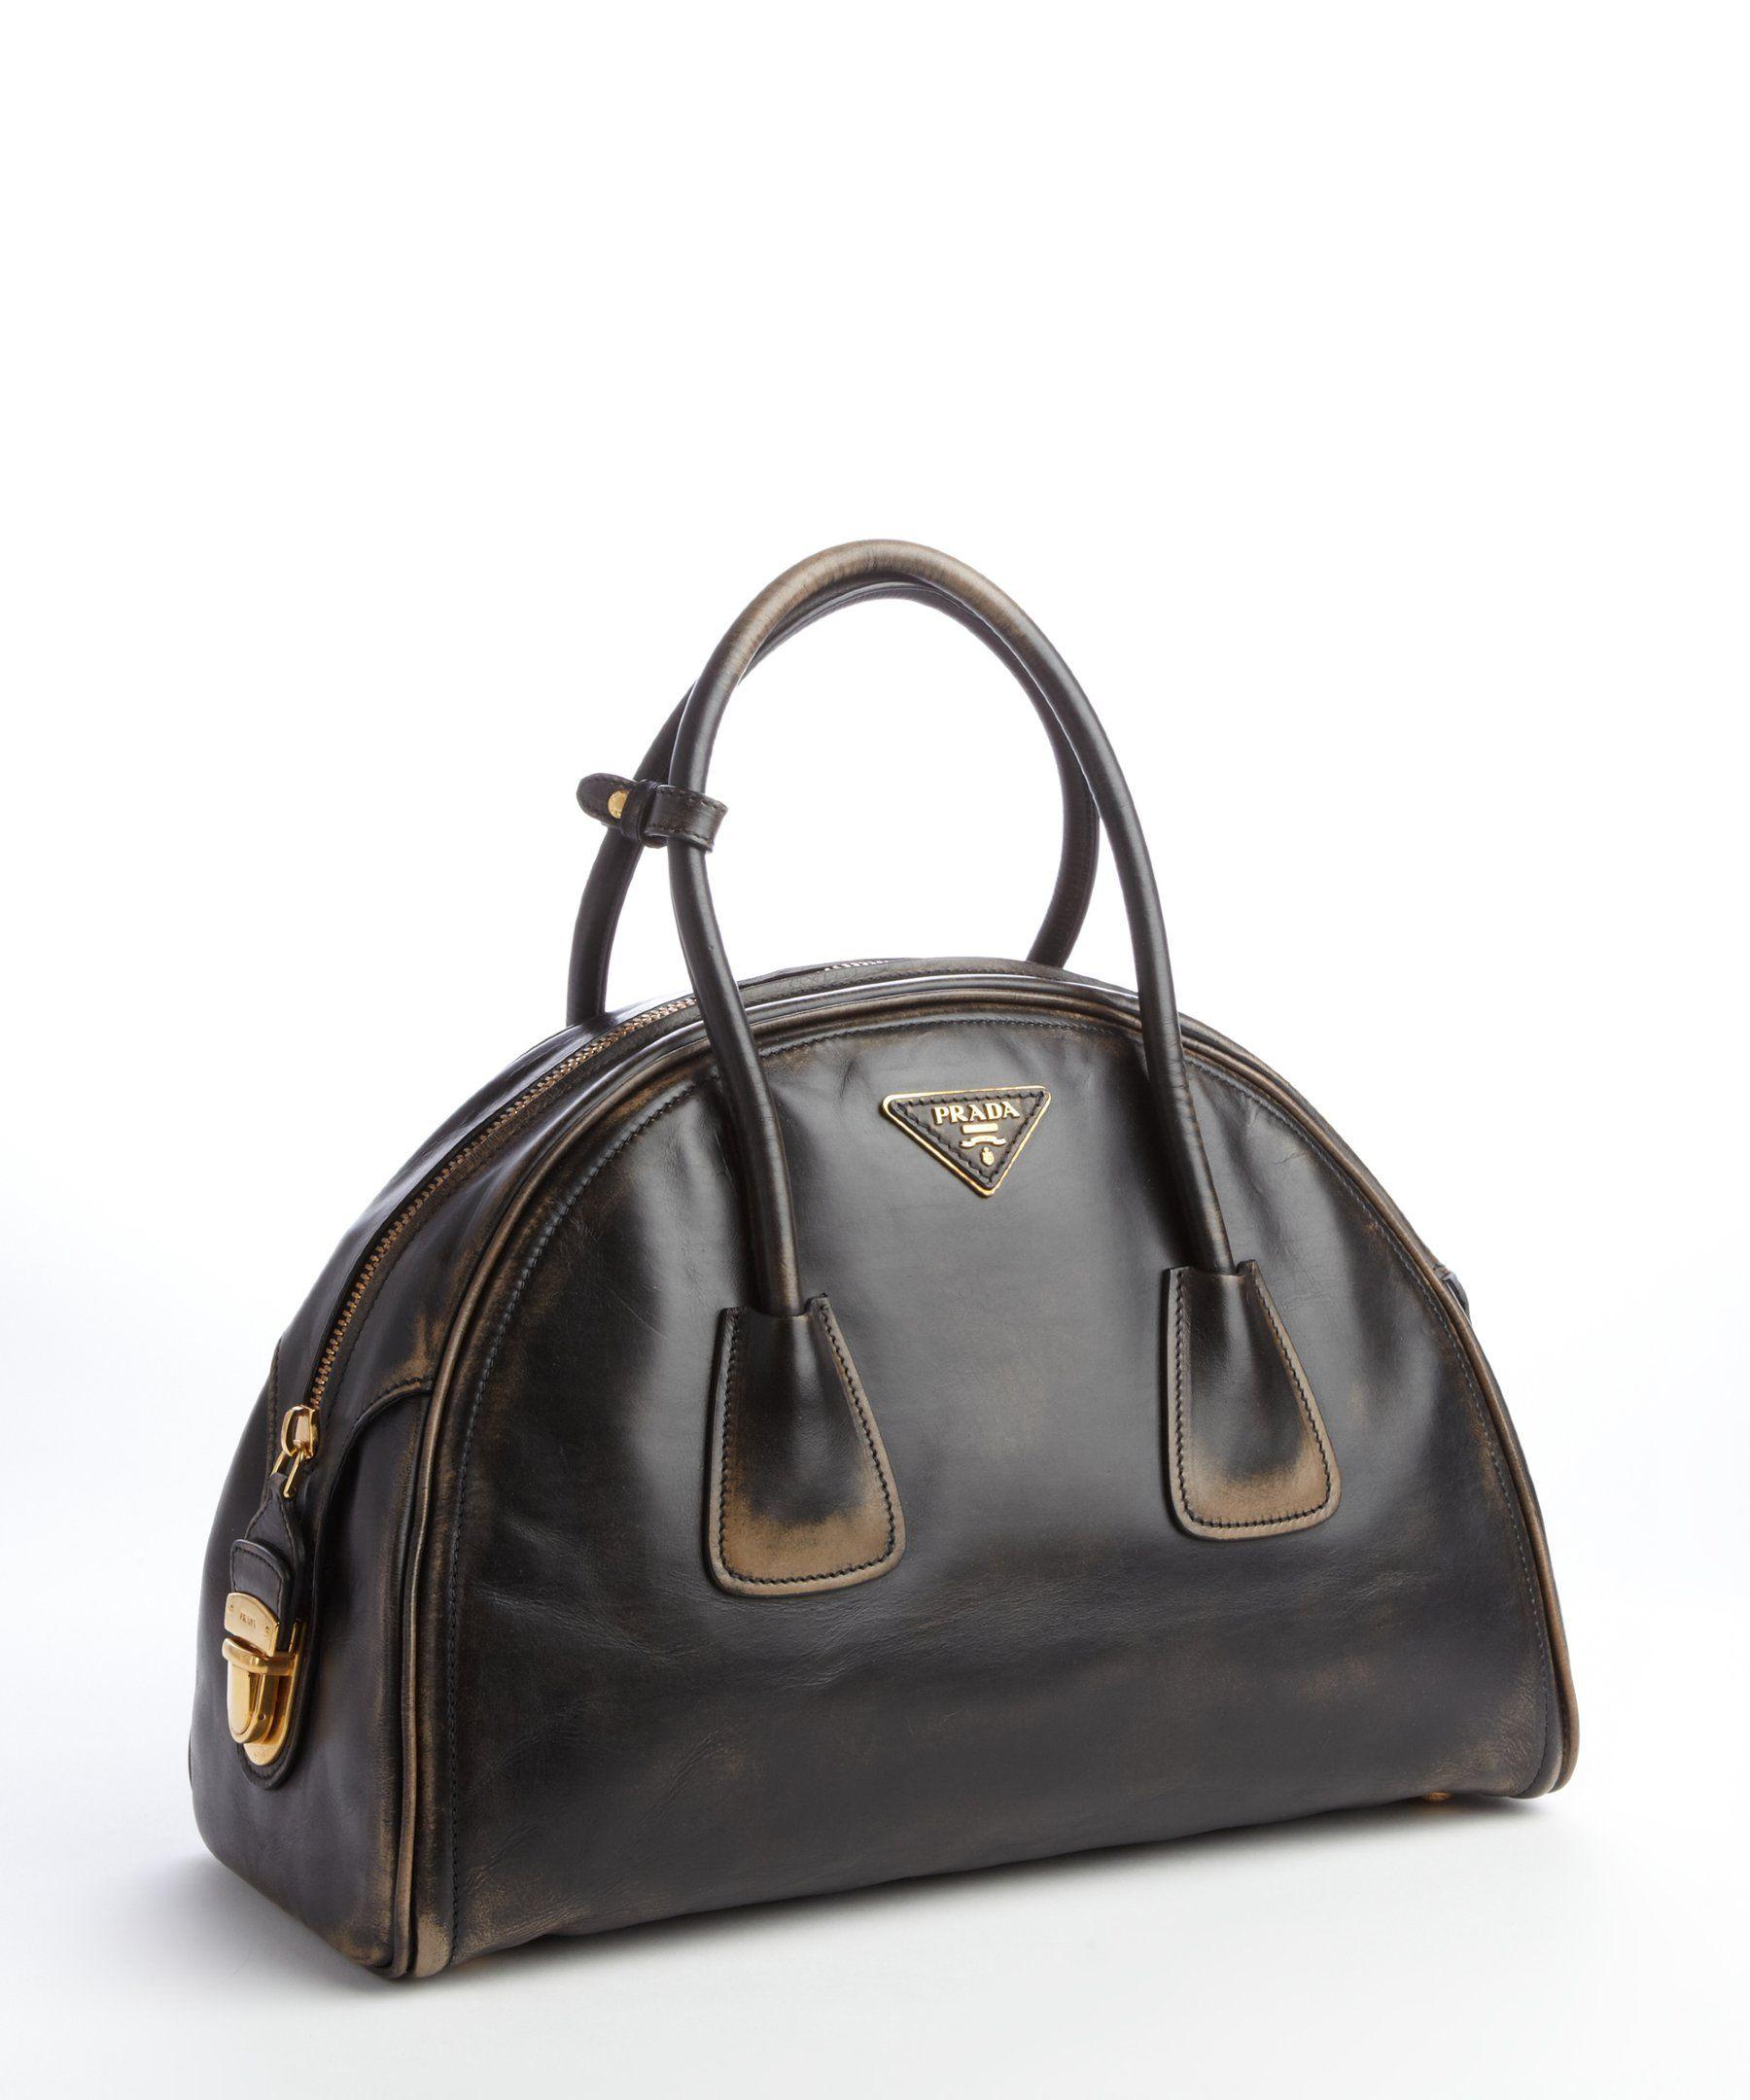 779bd82b7303 Prada black distressed leather bowler bag | BLUEFLY up to 70% off designer  brands